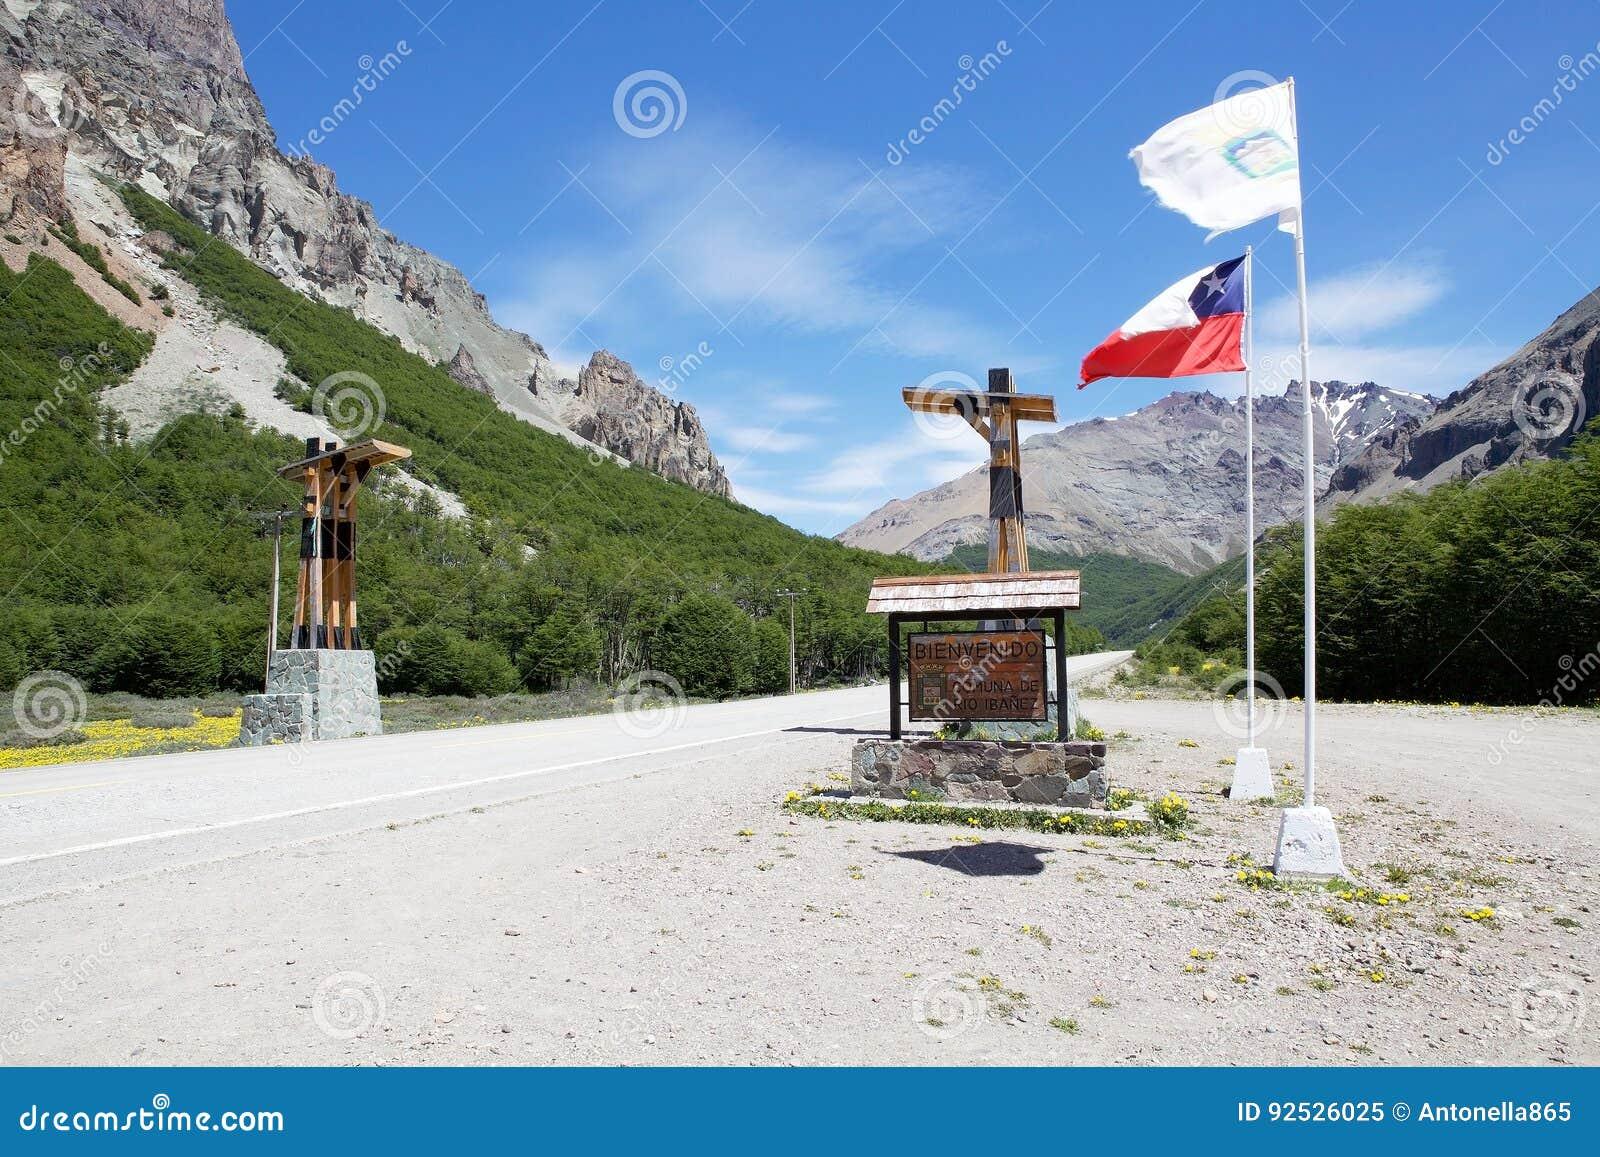 The Carretera Austral, Chile